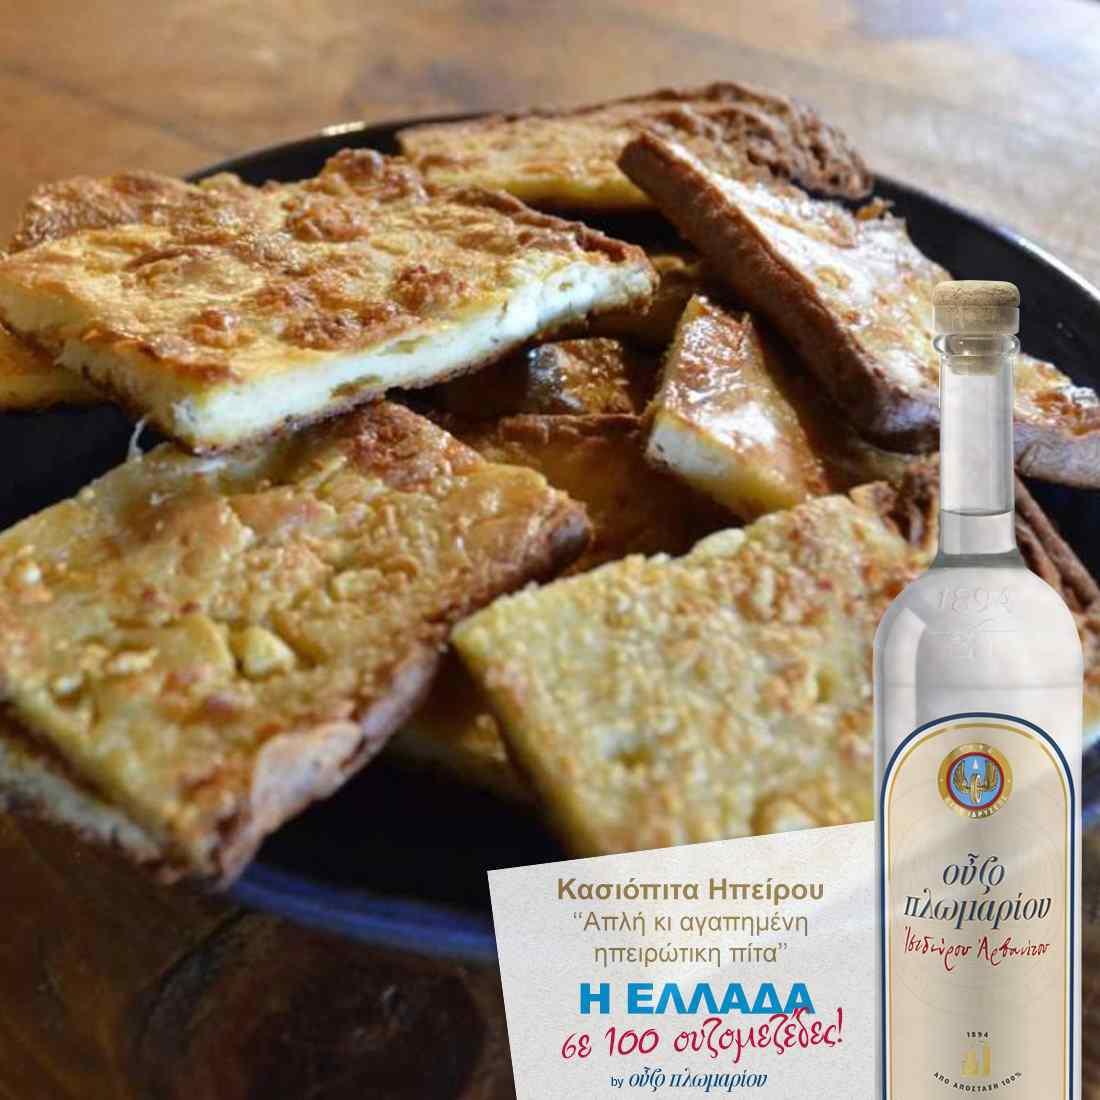 Κασιόπιτα Ηπείρου - Ουζομεζέδες - Greek Gastronomy Guide